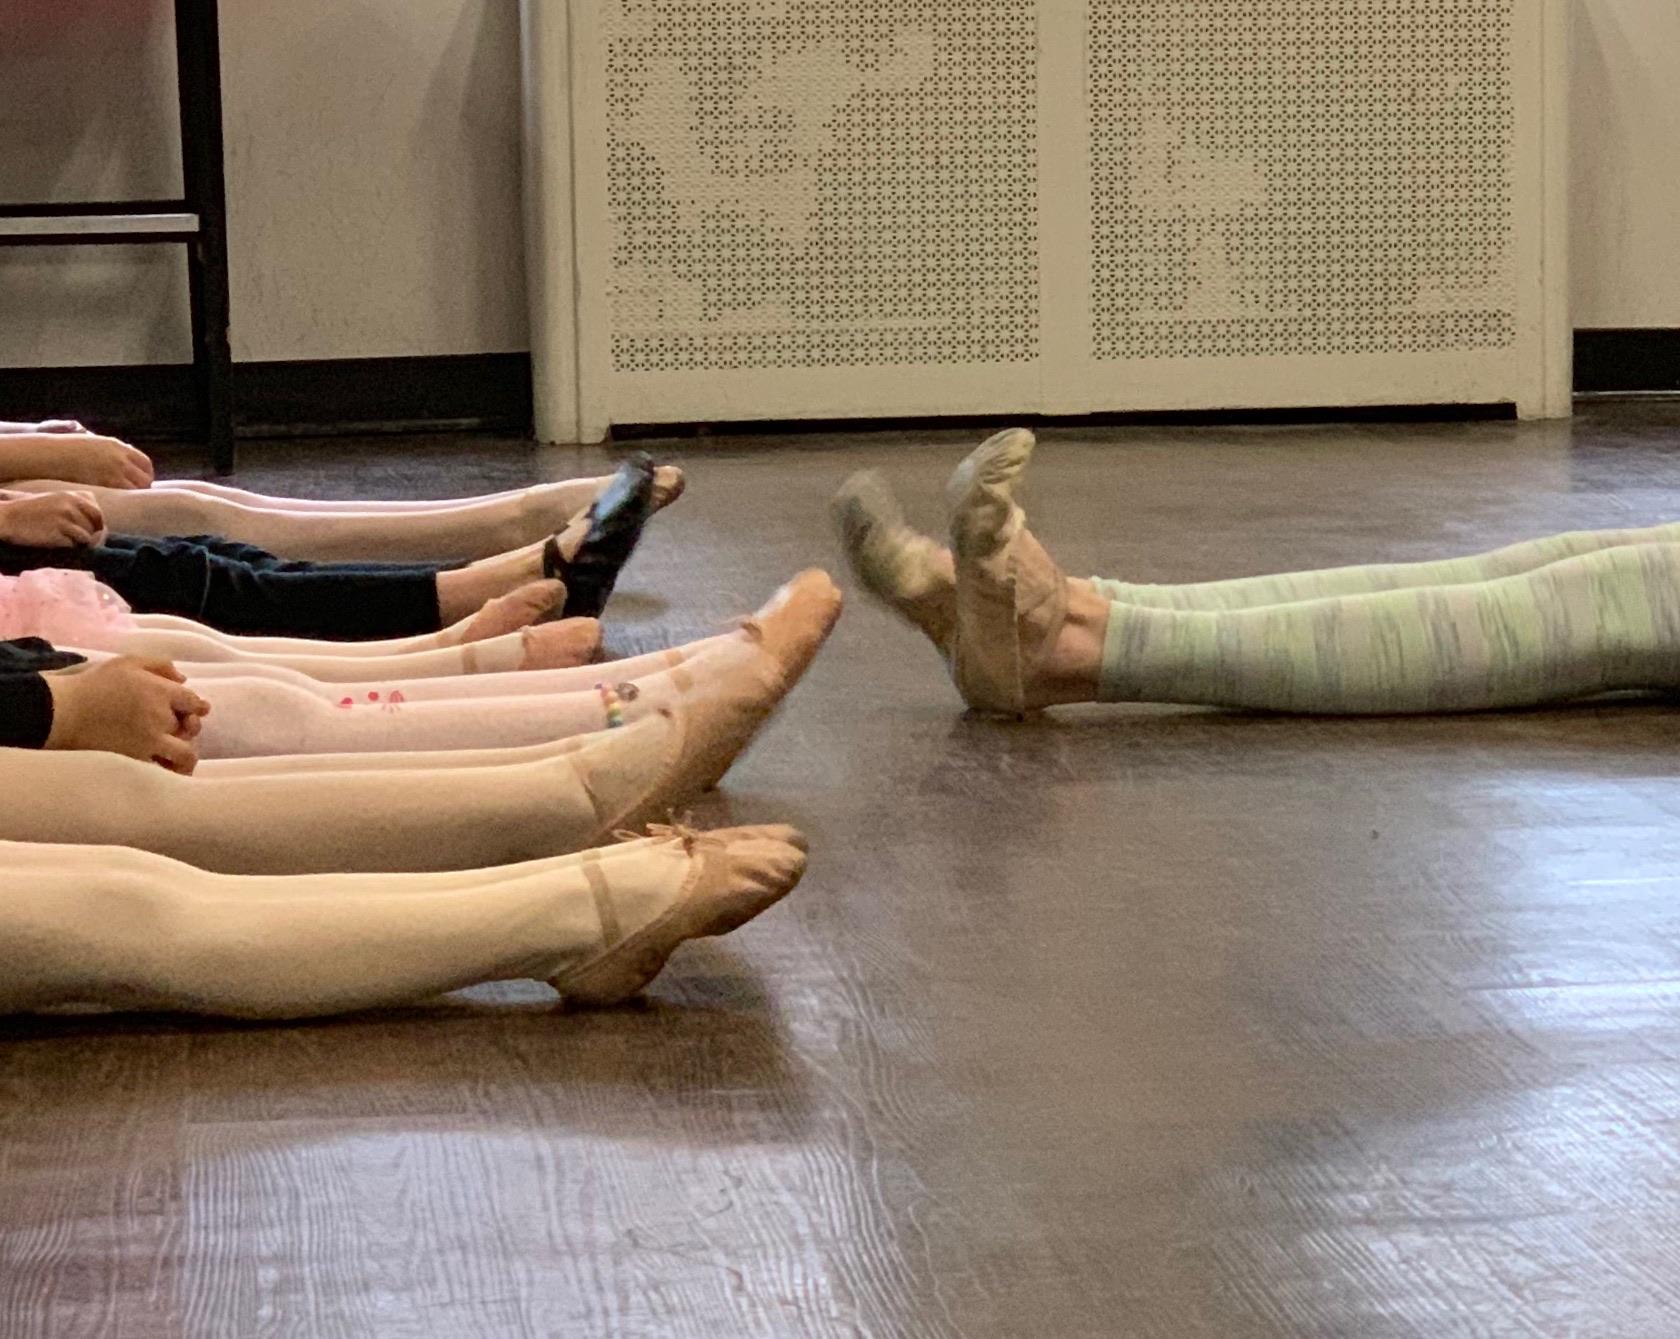 Friday ballet class